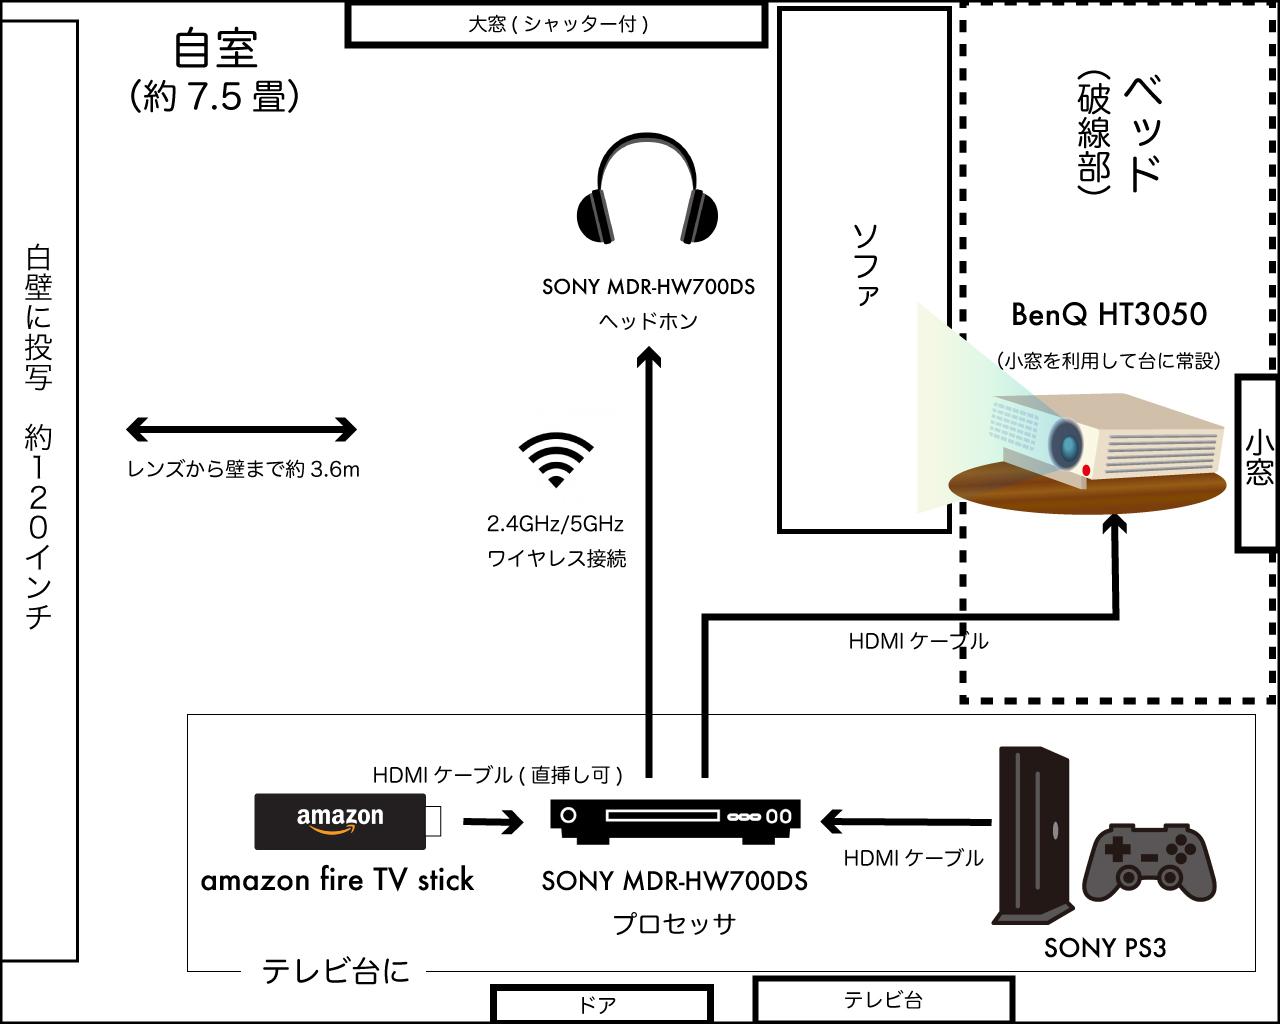 約8畳1ルームに完成させたホームシアターの配置、接続の見取り図